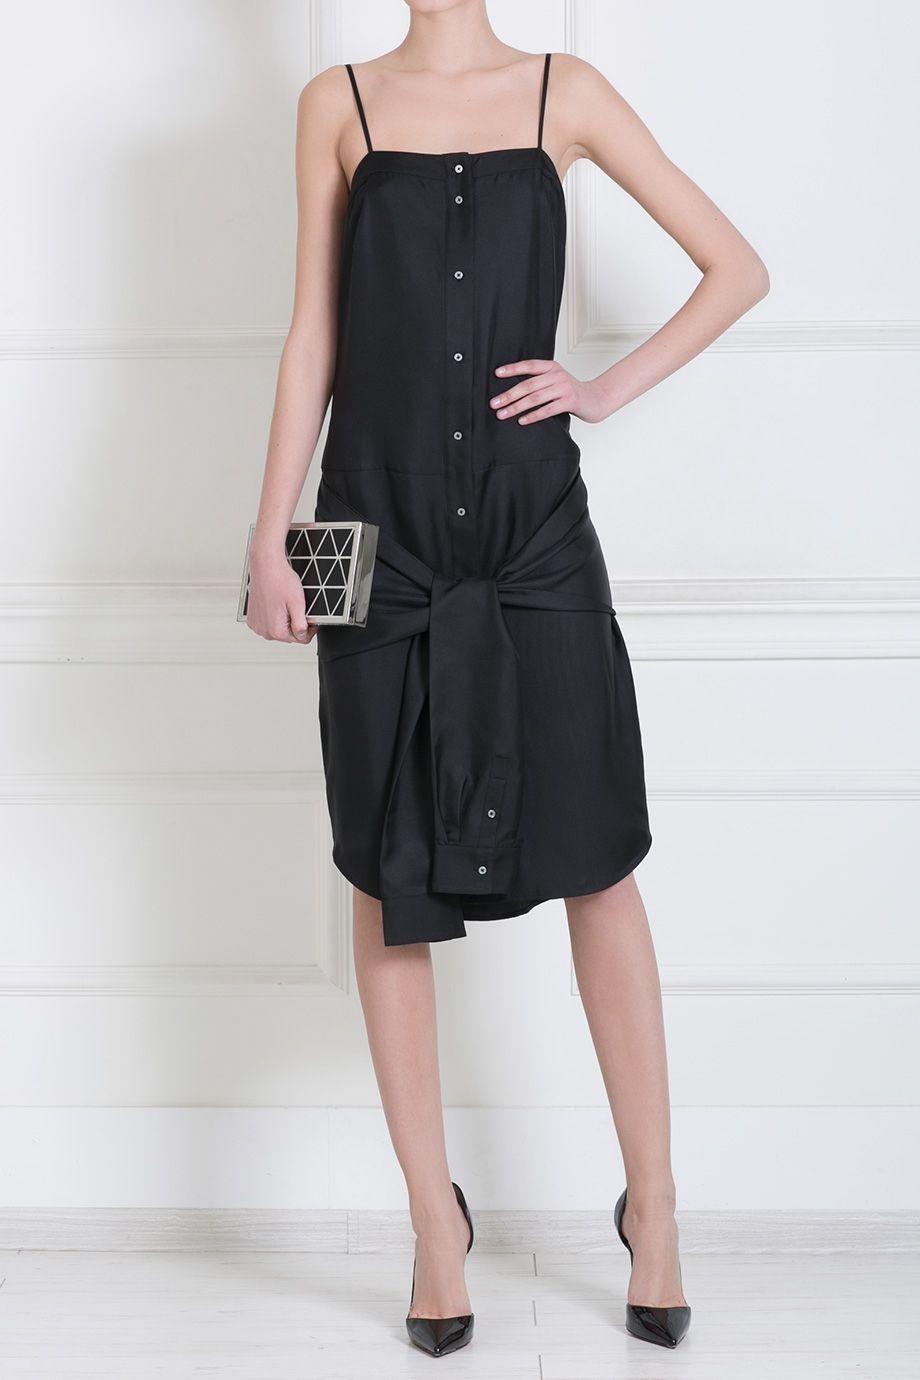 Шелковое платье (с изображениями) | Платья, Стиль одежды ...